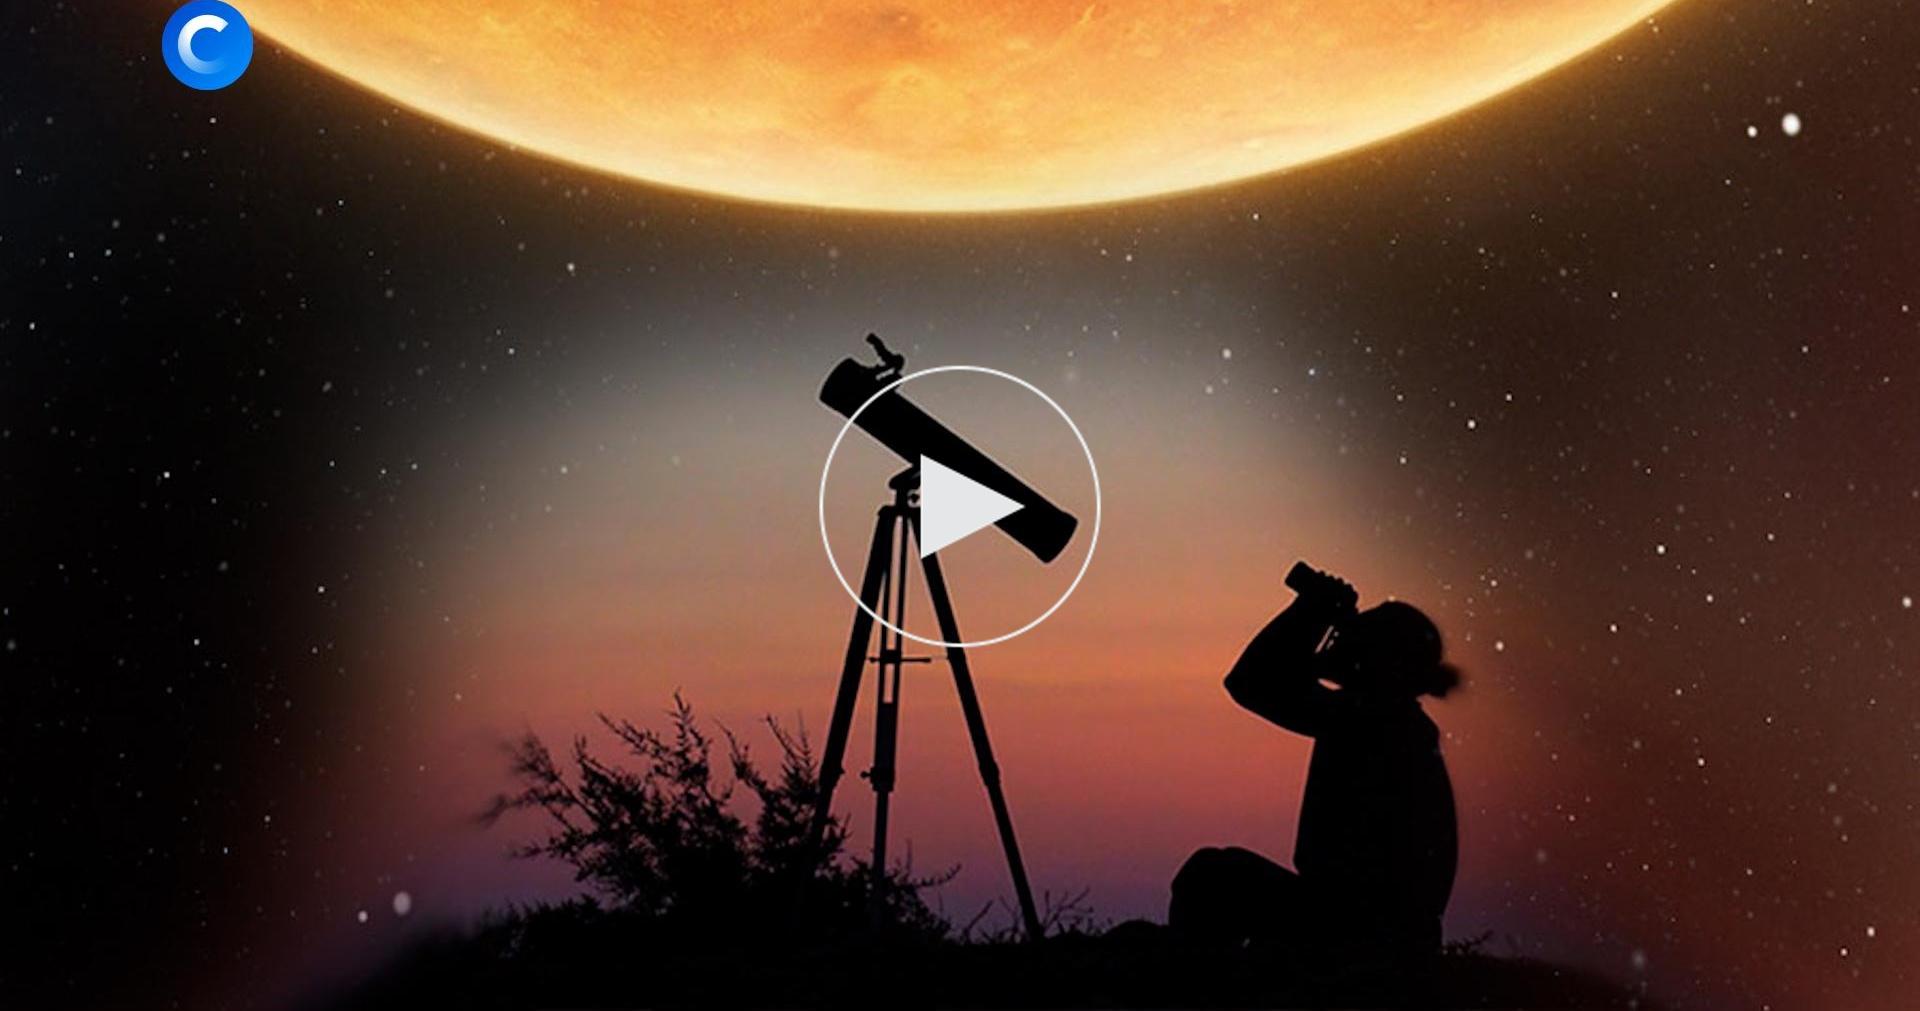 «Русская планета» схарактером: что скрывают облака Венеры